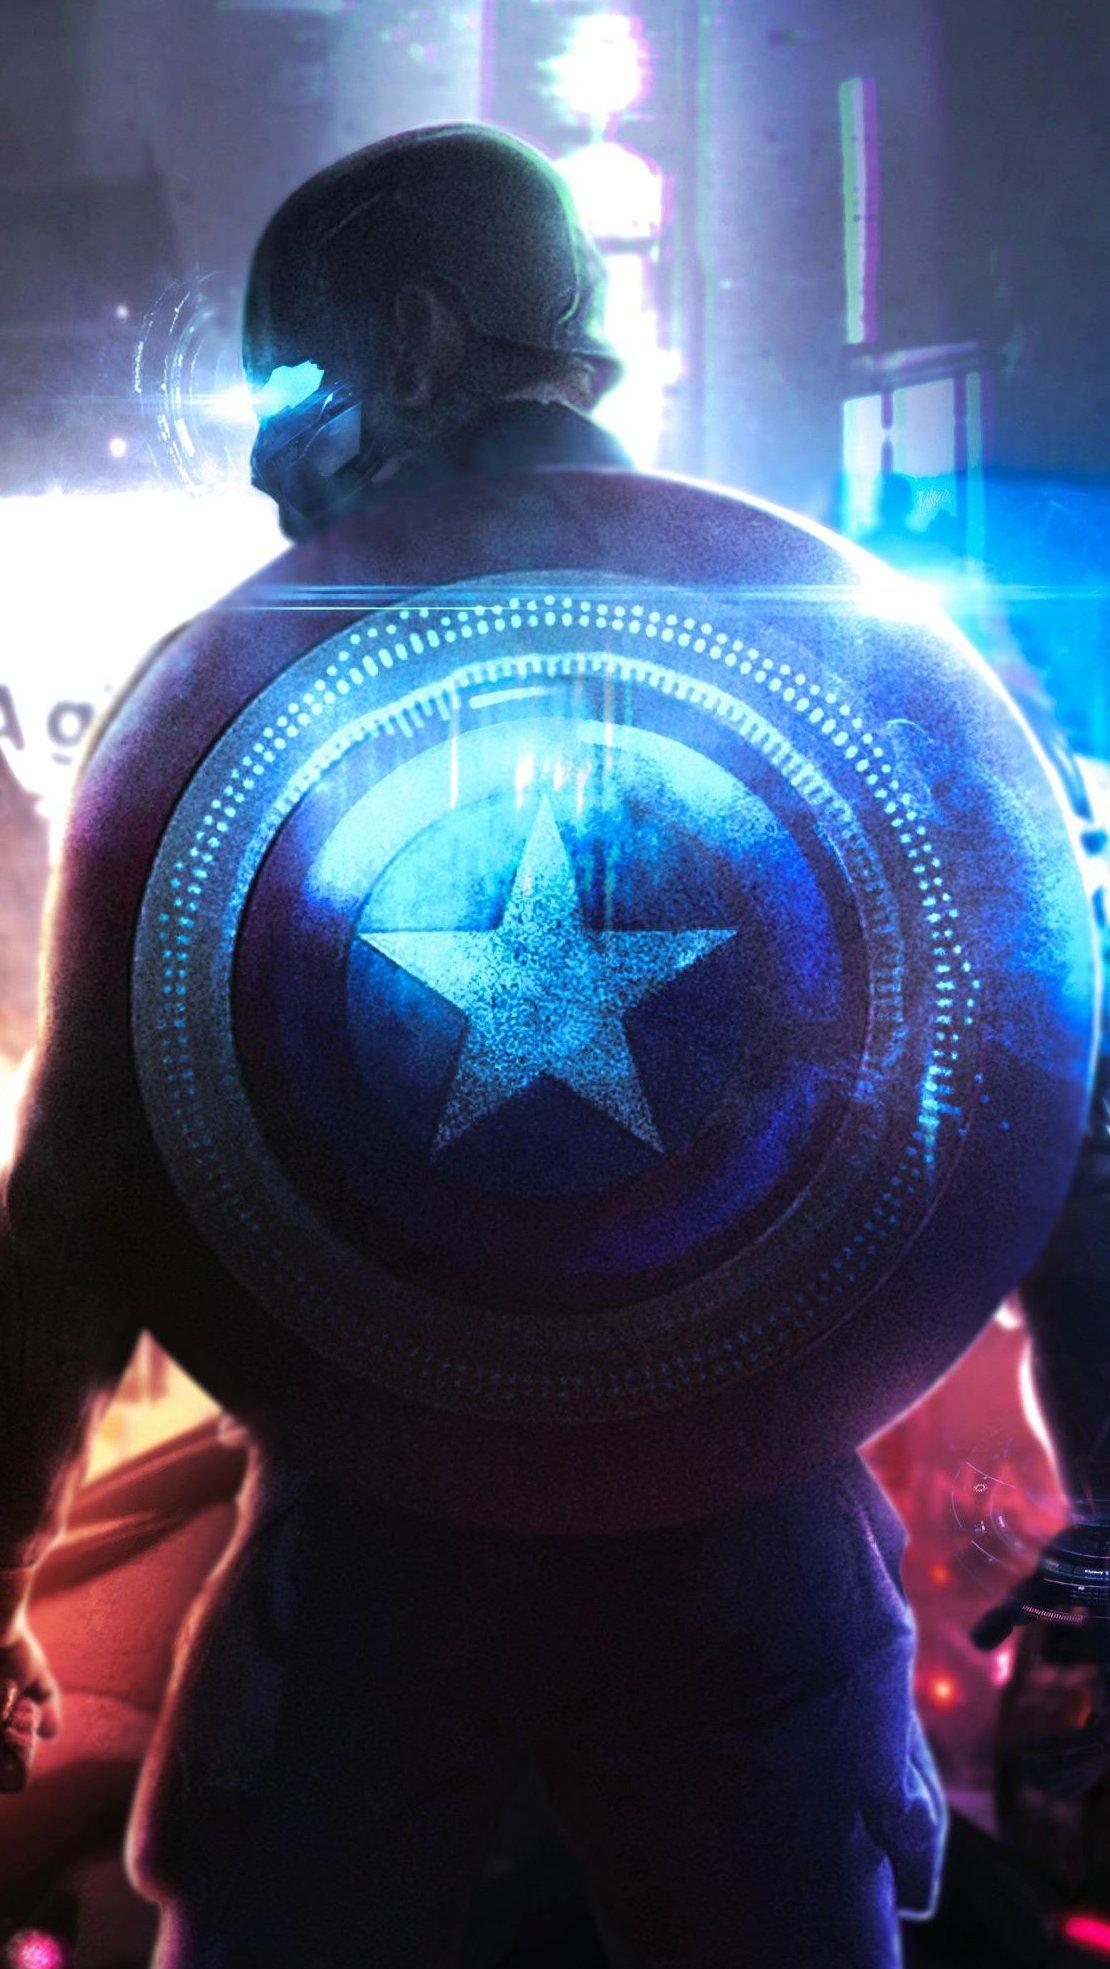 Fondos de pantalla Cyberpunk Capitán América Fanart Vertical